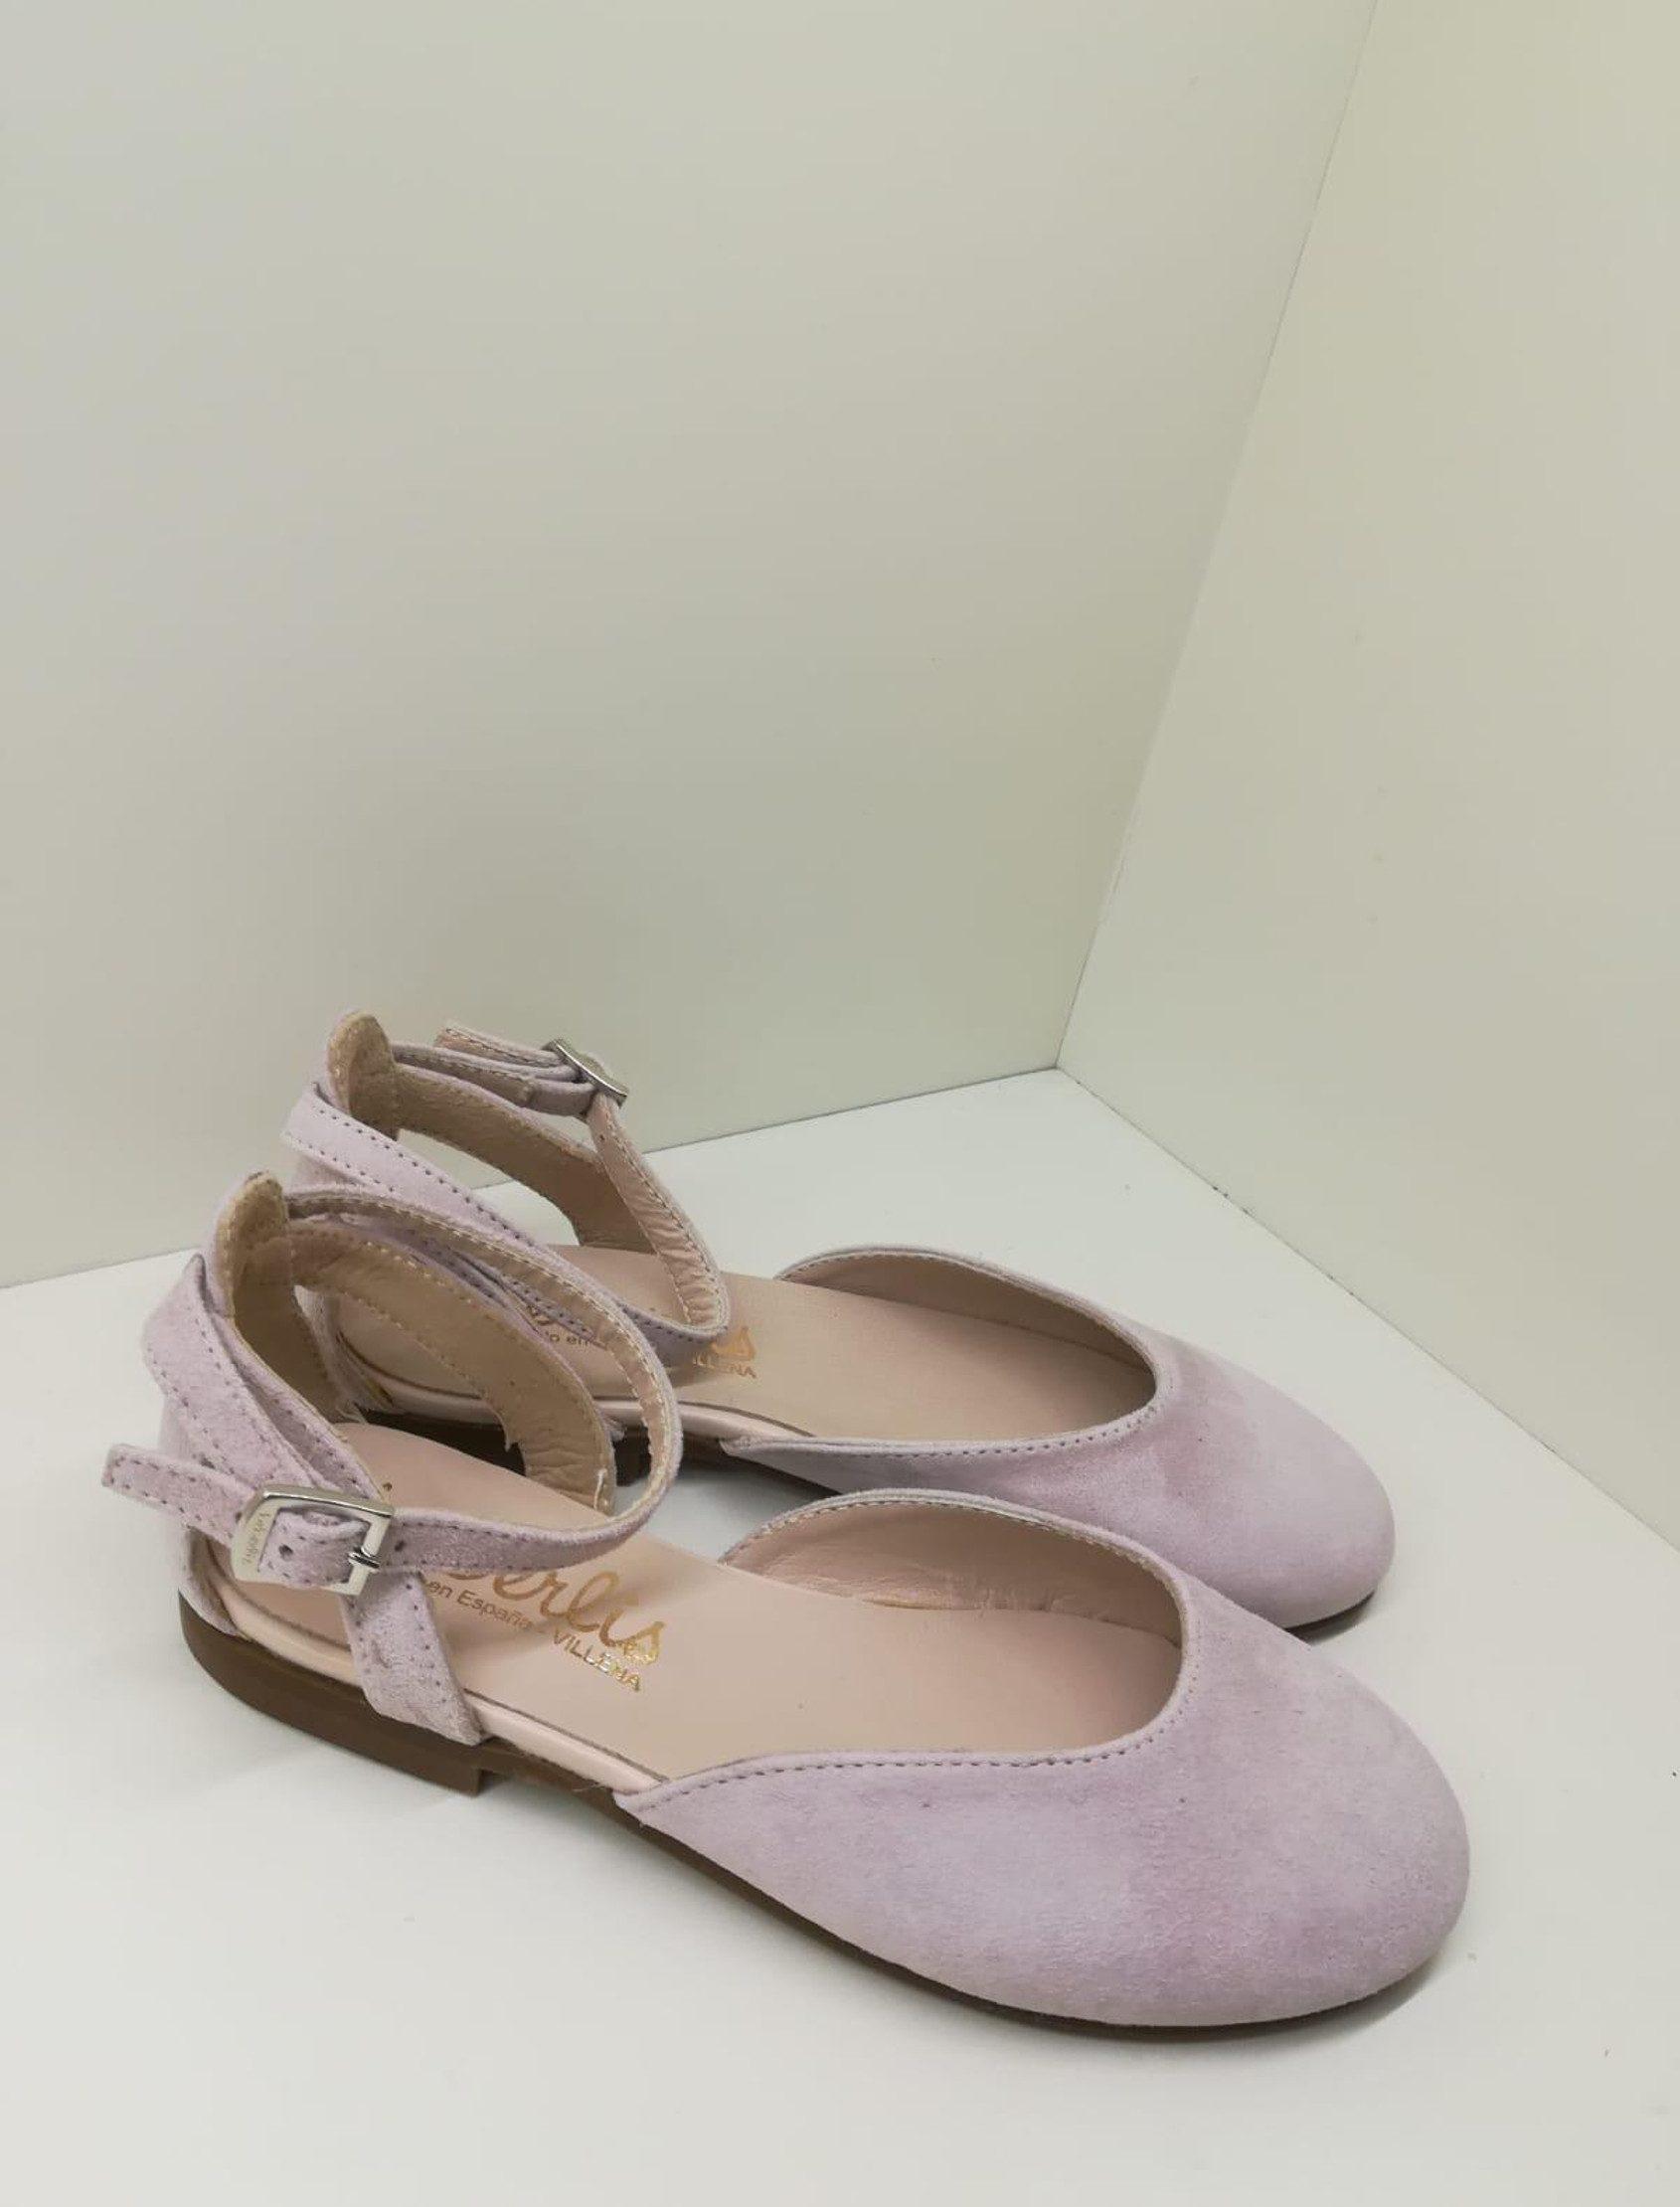 Merceditas en ante rosa olimpo semiabierta con correa y hebilla para cierre en el tobillo.